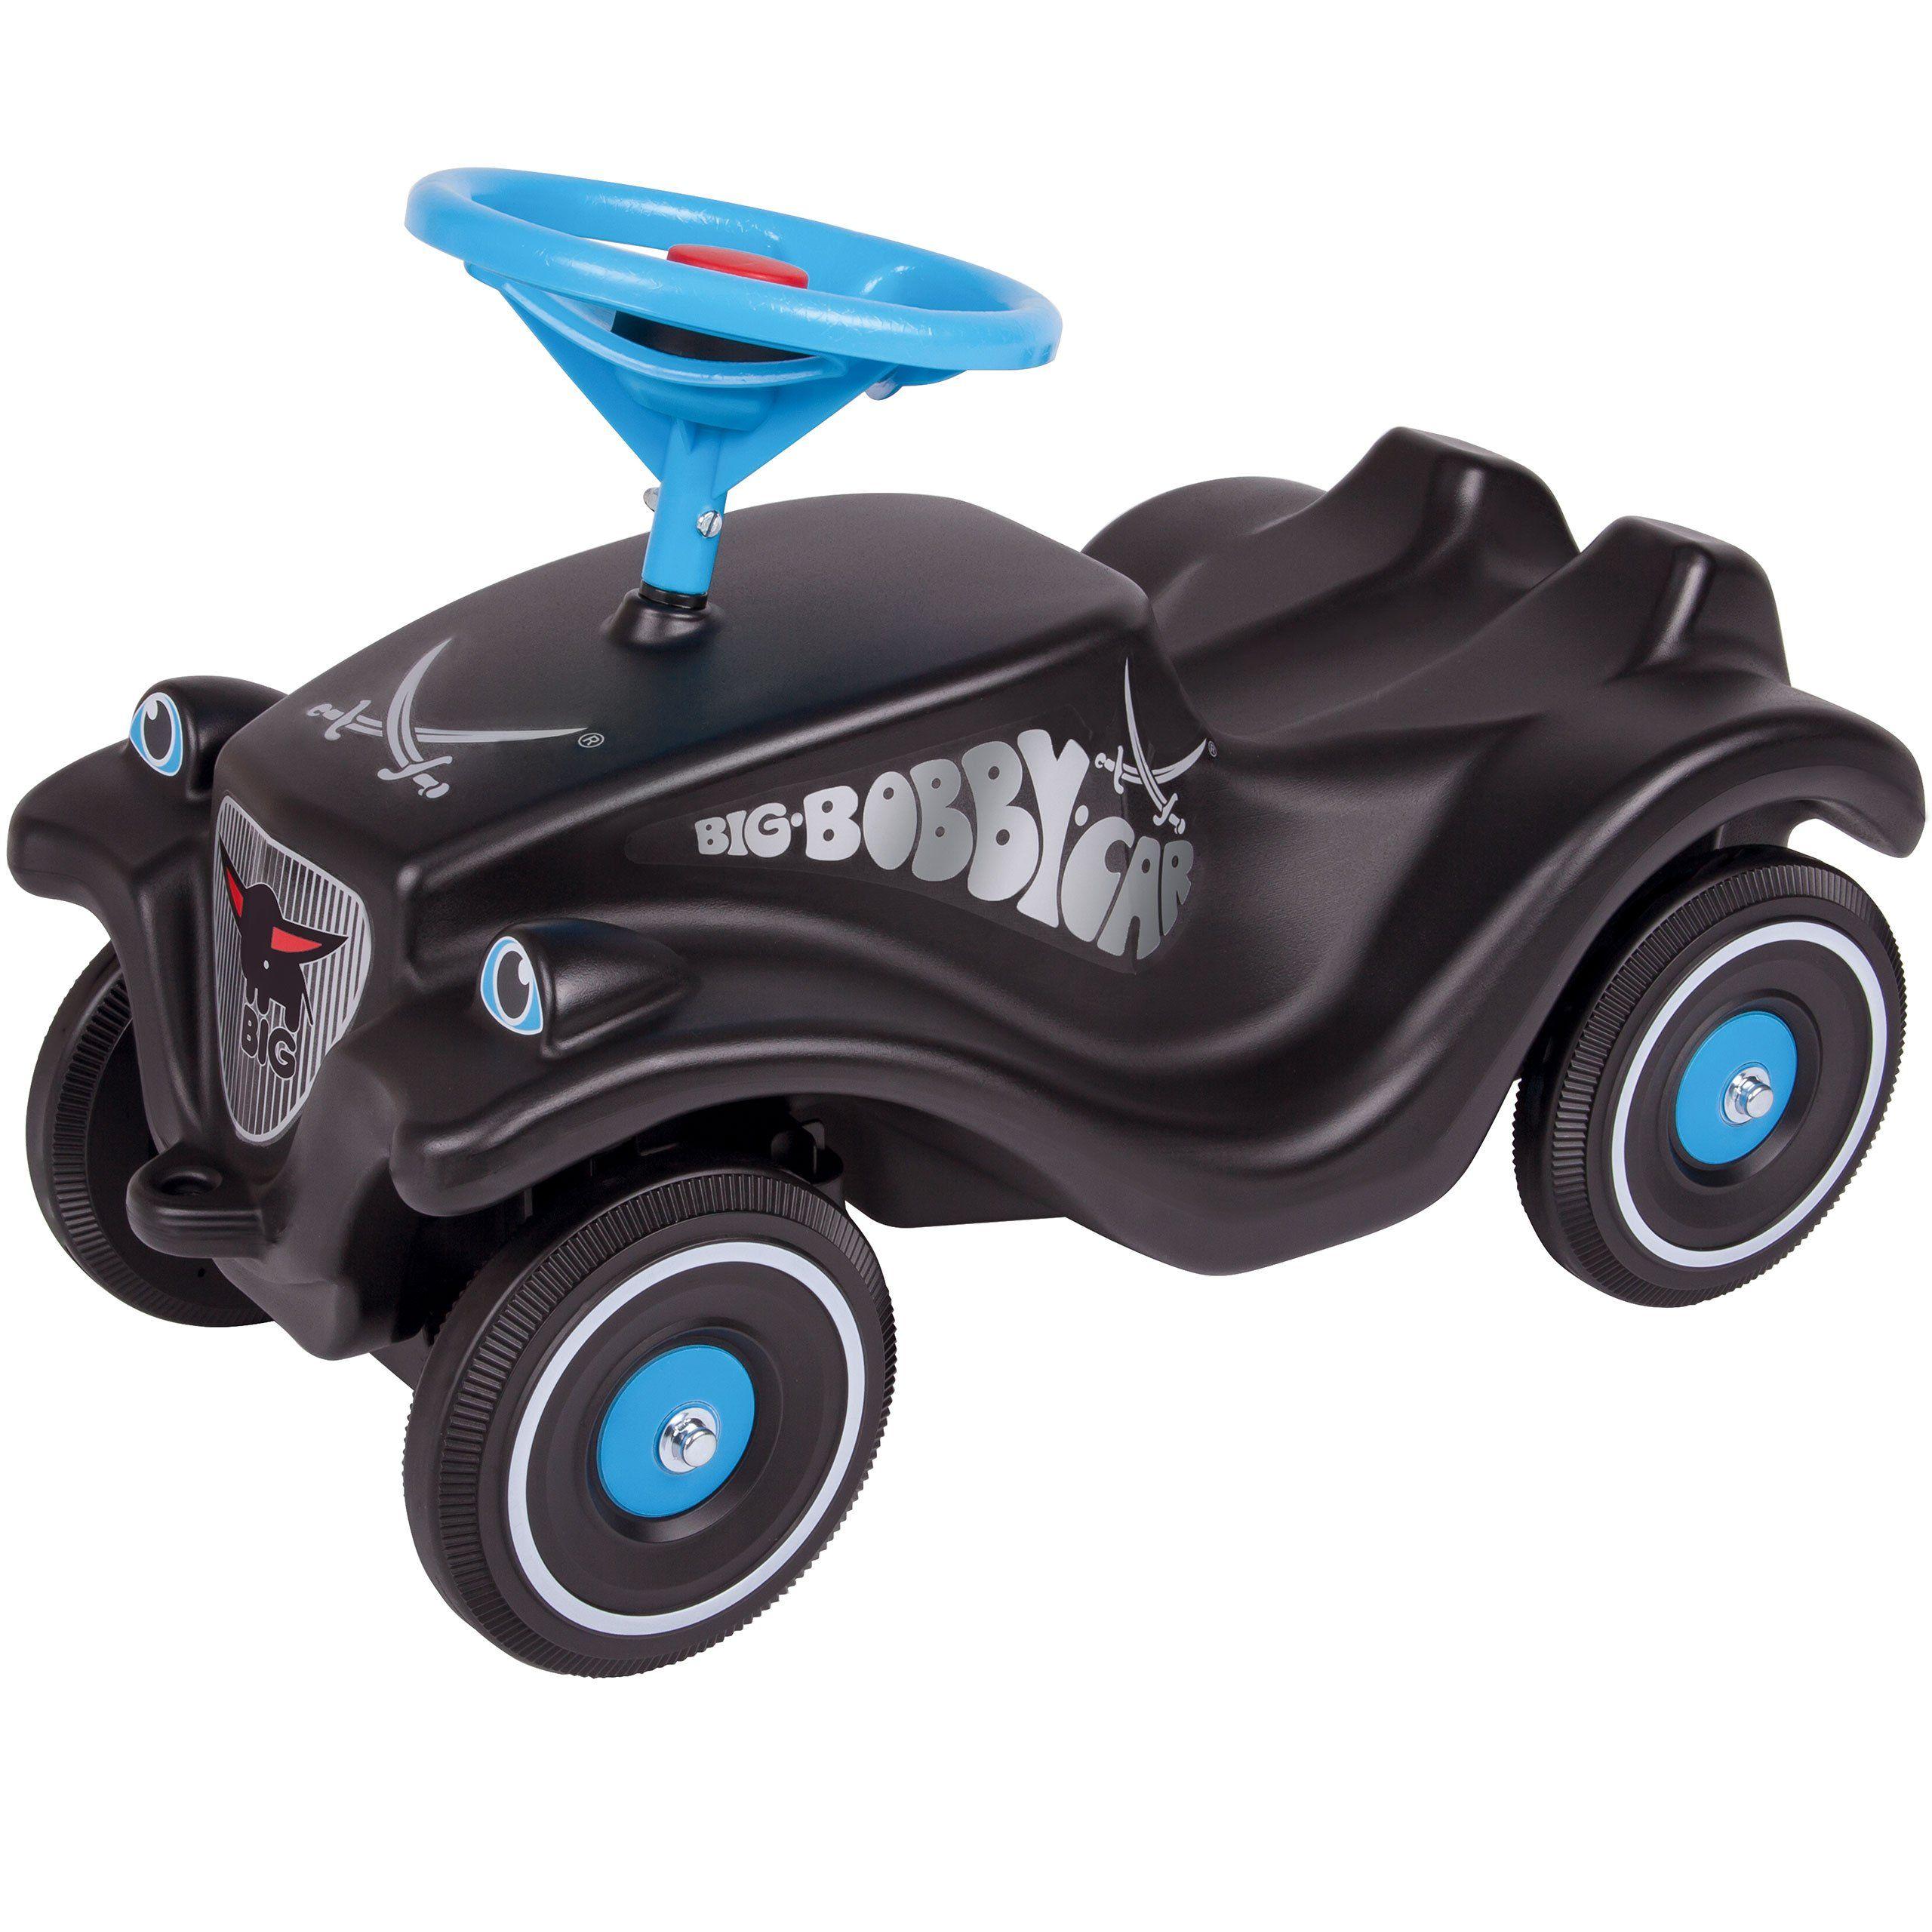 Big Jezdzik Bobby Car Classic Sansibar Brykacze Pl Internetowy Sklep Z Zabawkami Dla Dzieci Toy Brands Toy Car Car